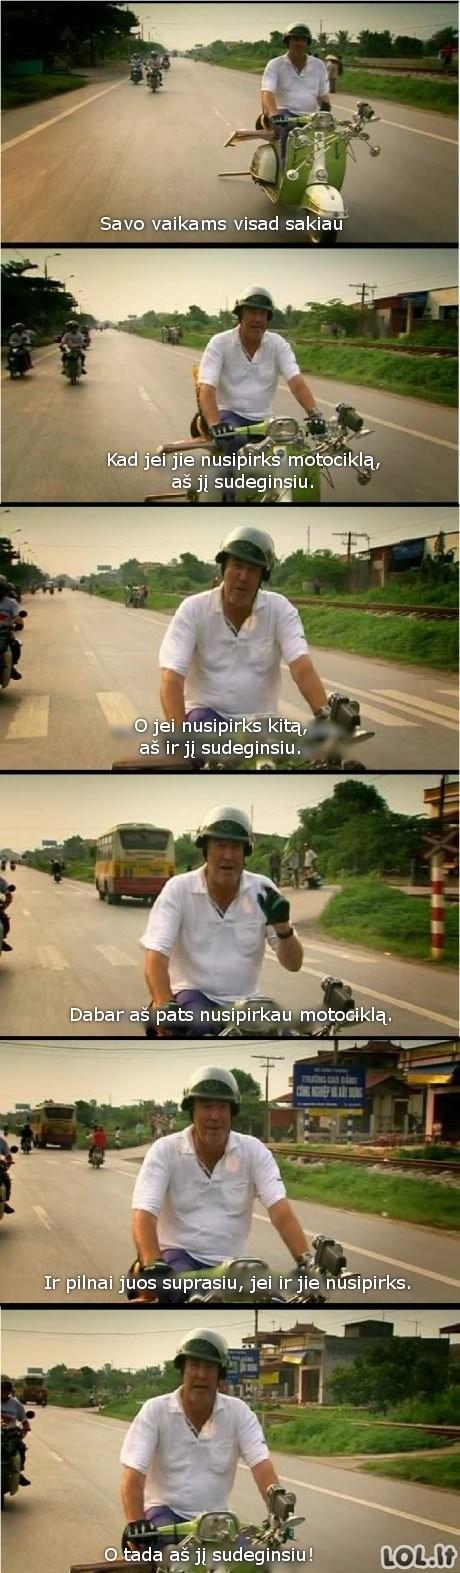 Tėvų požiūris į motociklus